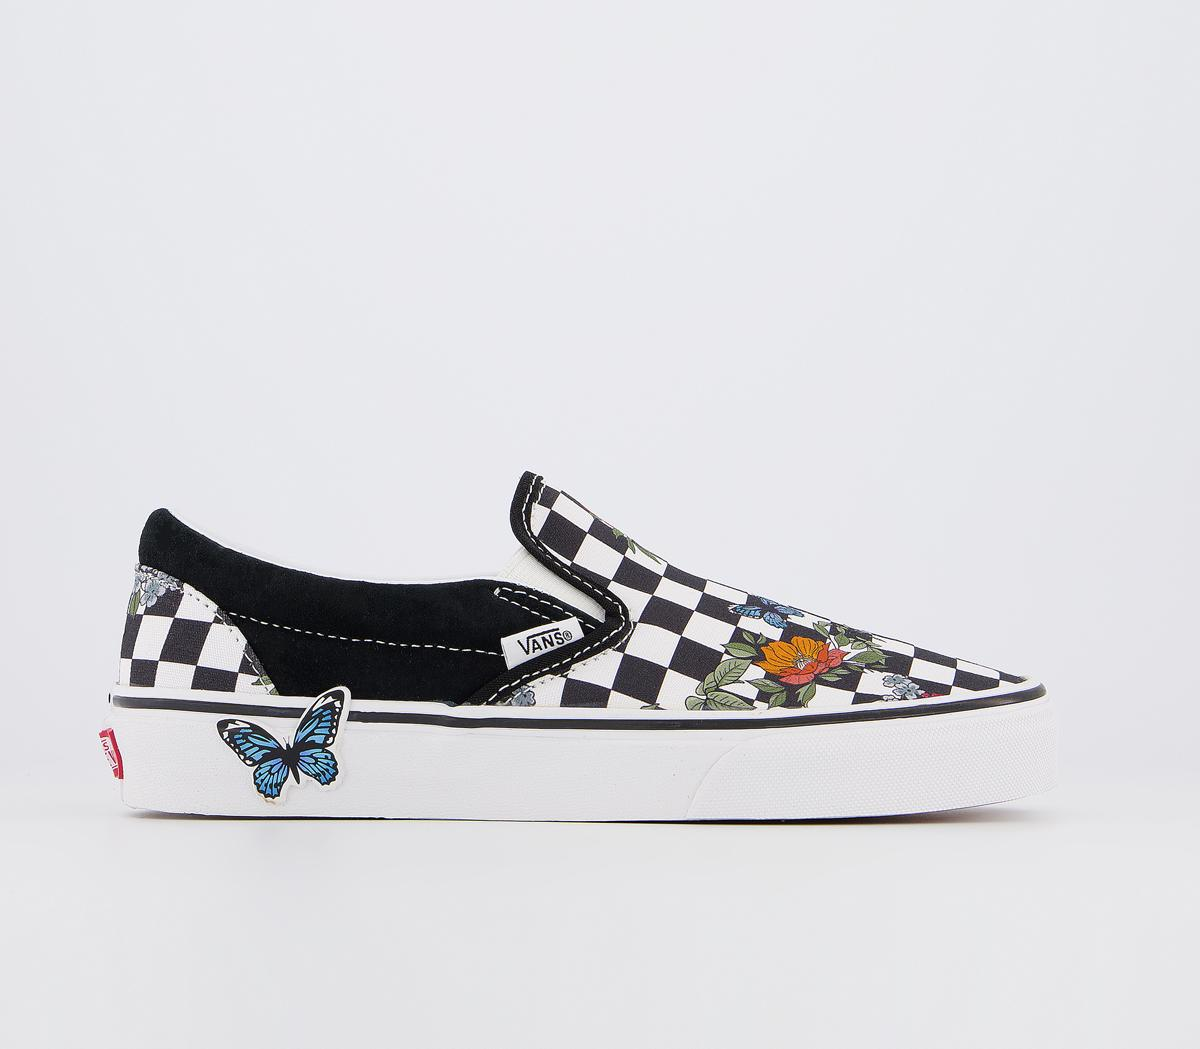 Get - floral slip on vans - OFF 61